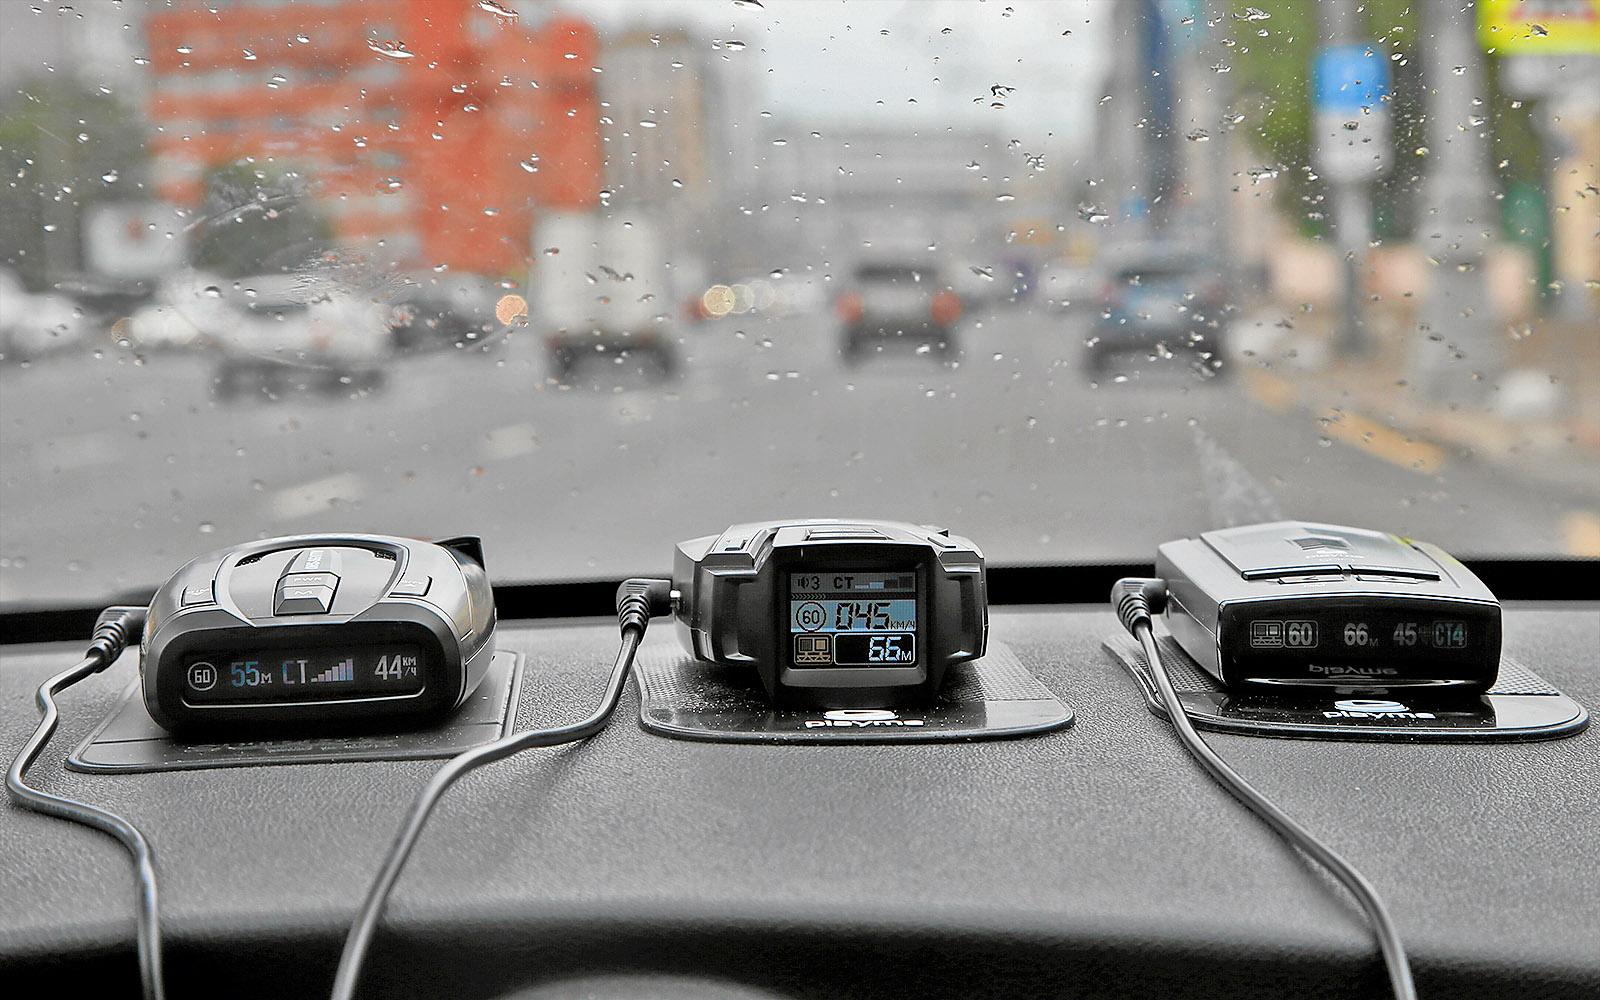 Сигнатурные радар-детекторы - сравнительный тест - журнал За рулем